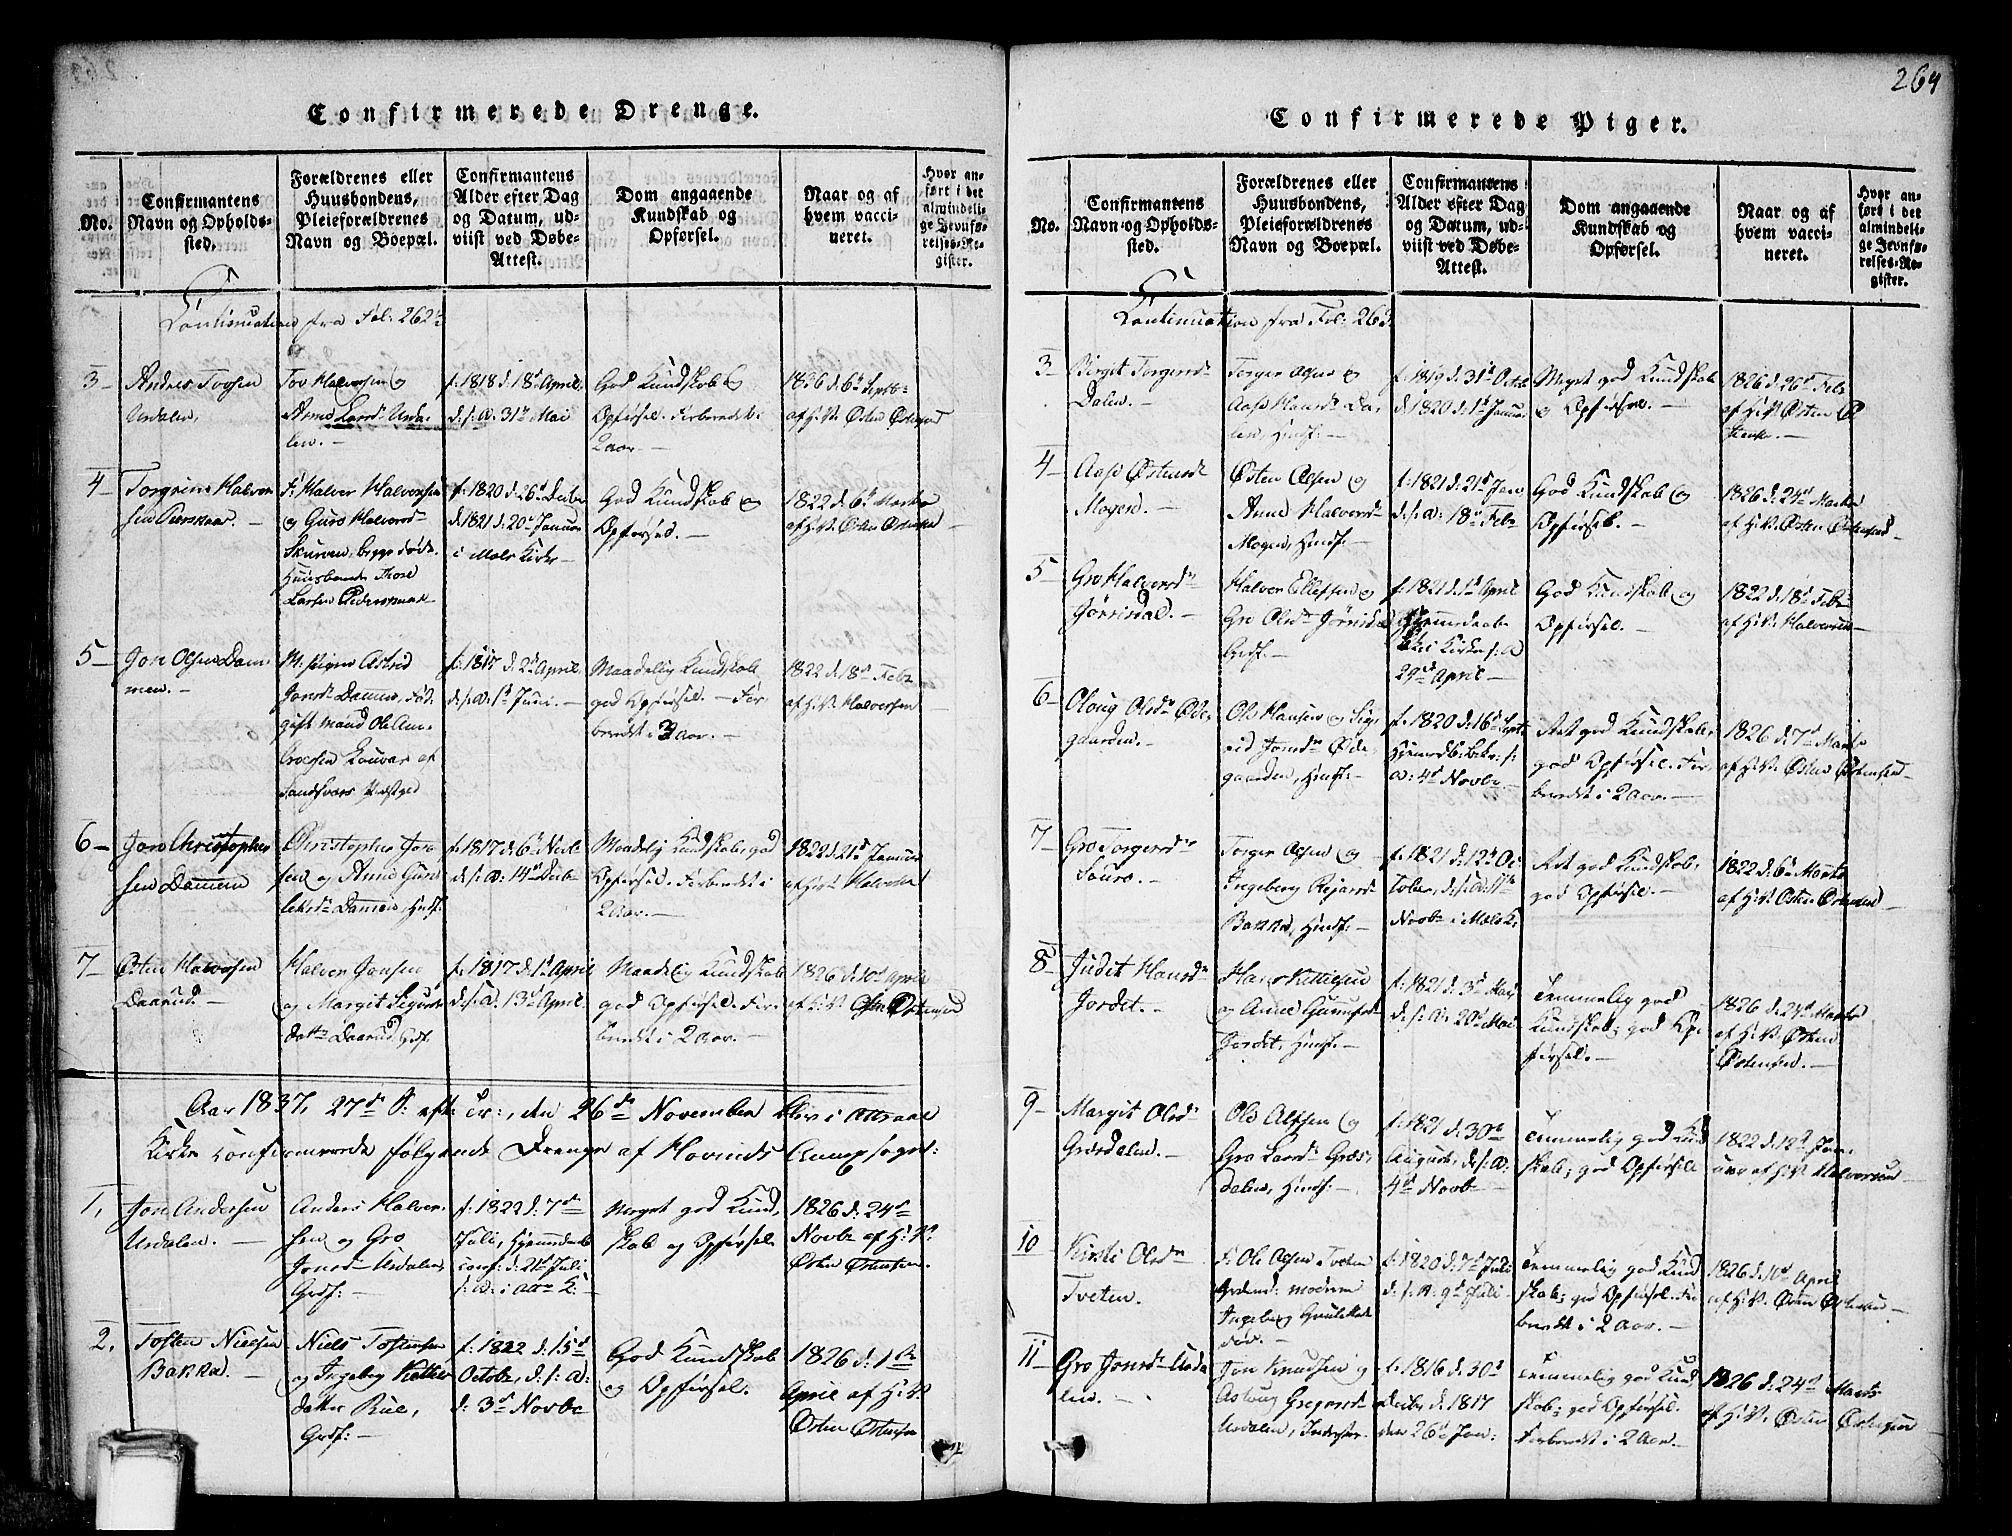 SAKO, Gransherad kirkebøker, G/Gb/L0001: Klokkerbok nr. II 1, 1815-1860, s. 264